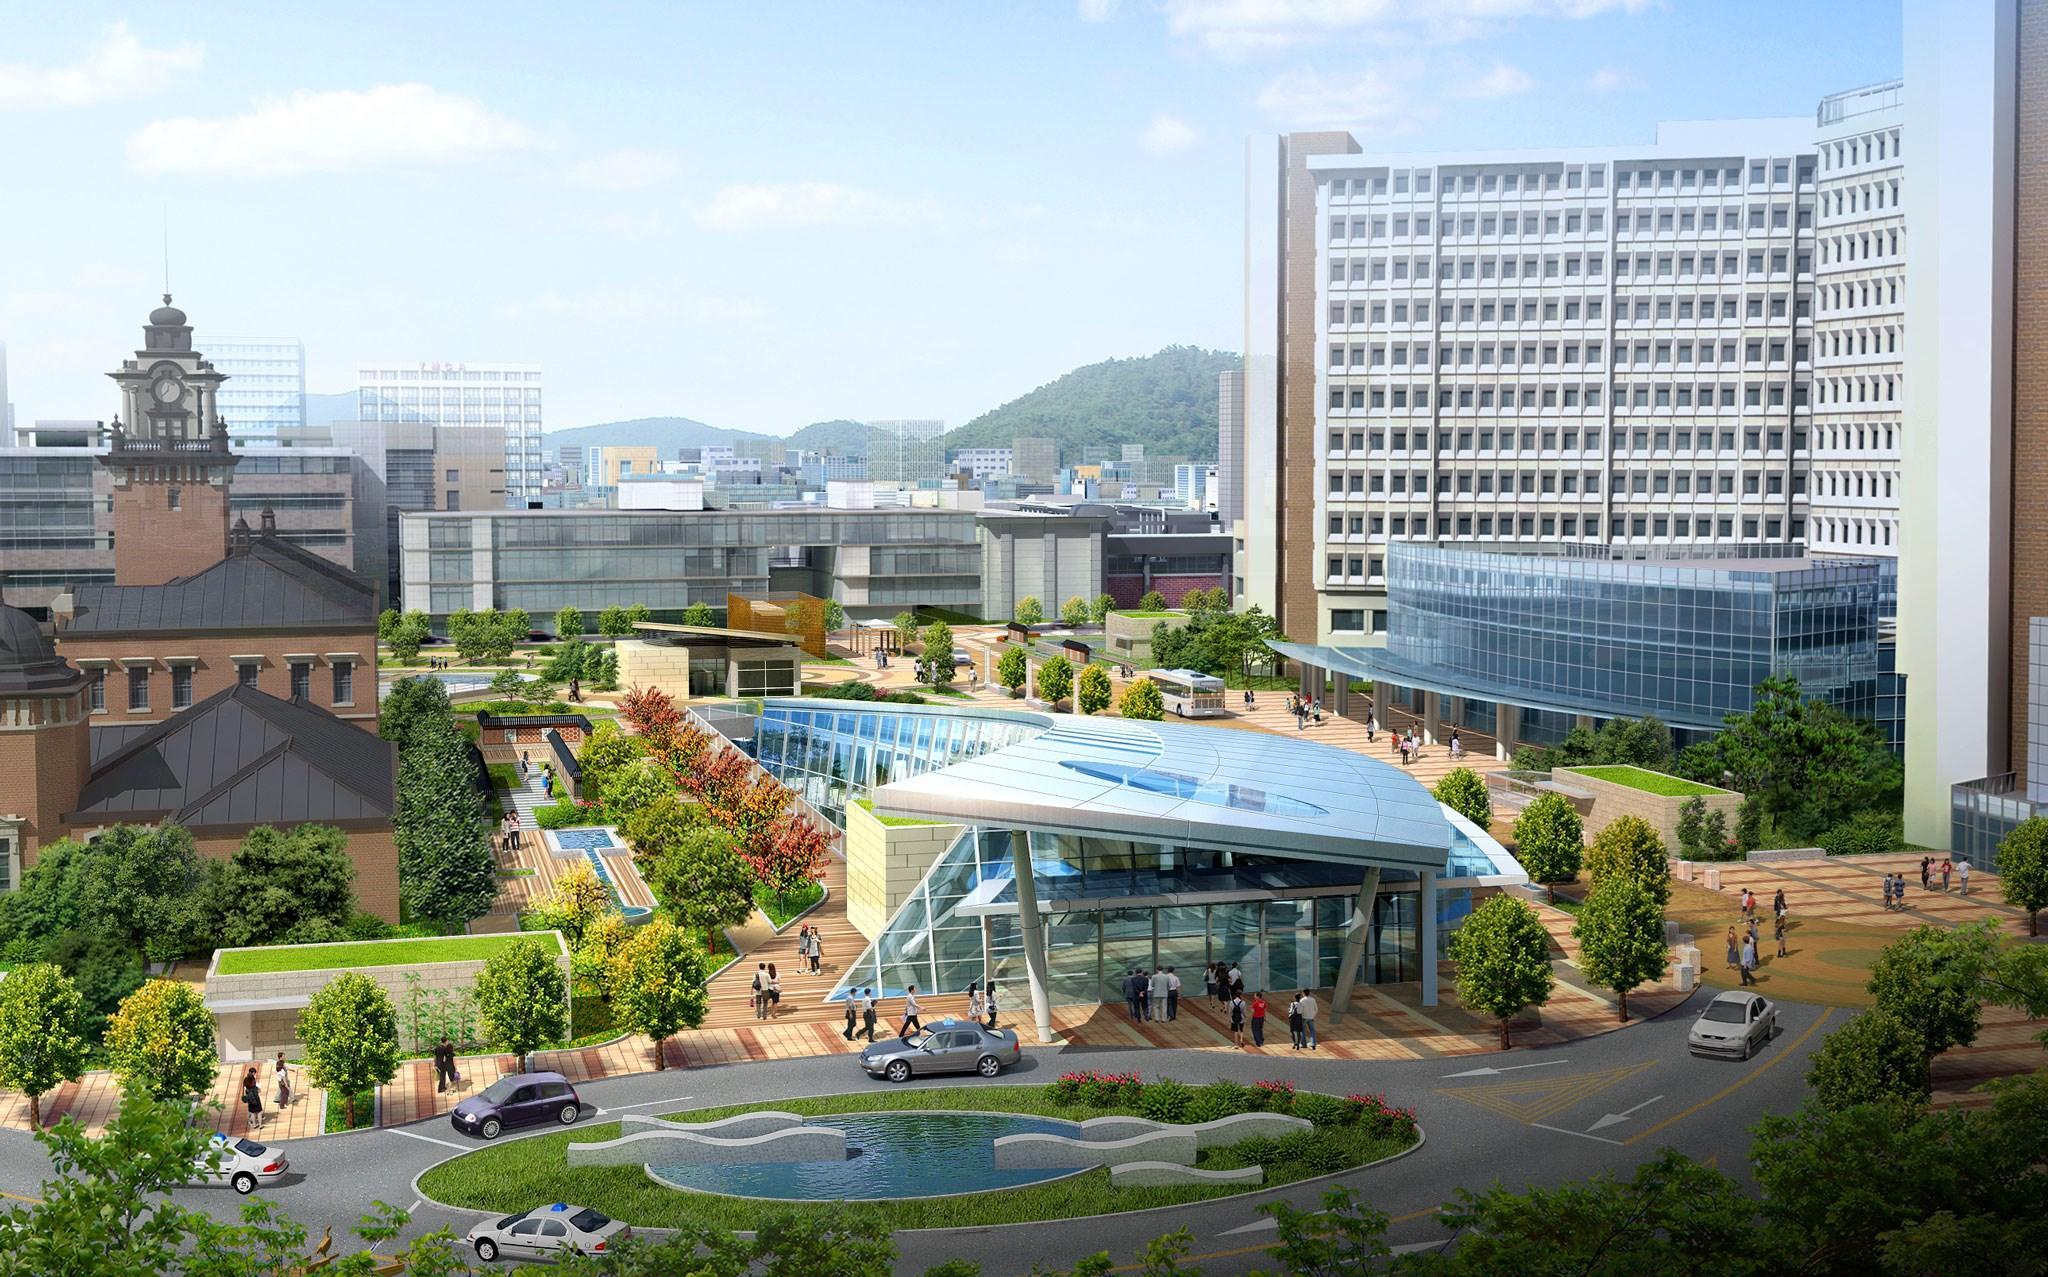 Đại học quốc gia Seoul – Ngôi trường kiểu mẫu hiện đại và danh giá bậc nhất Hàn Quốc